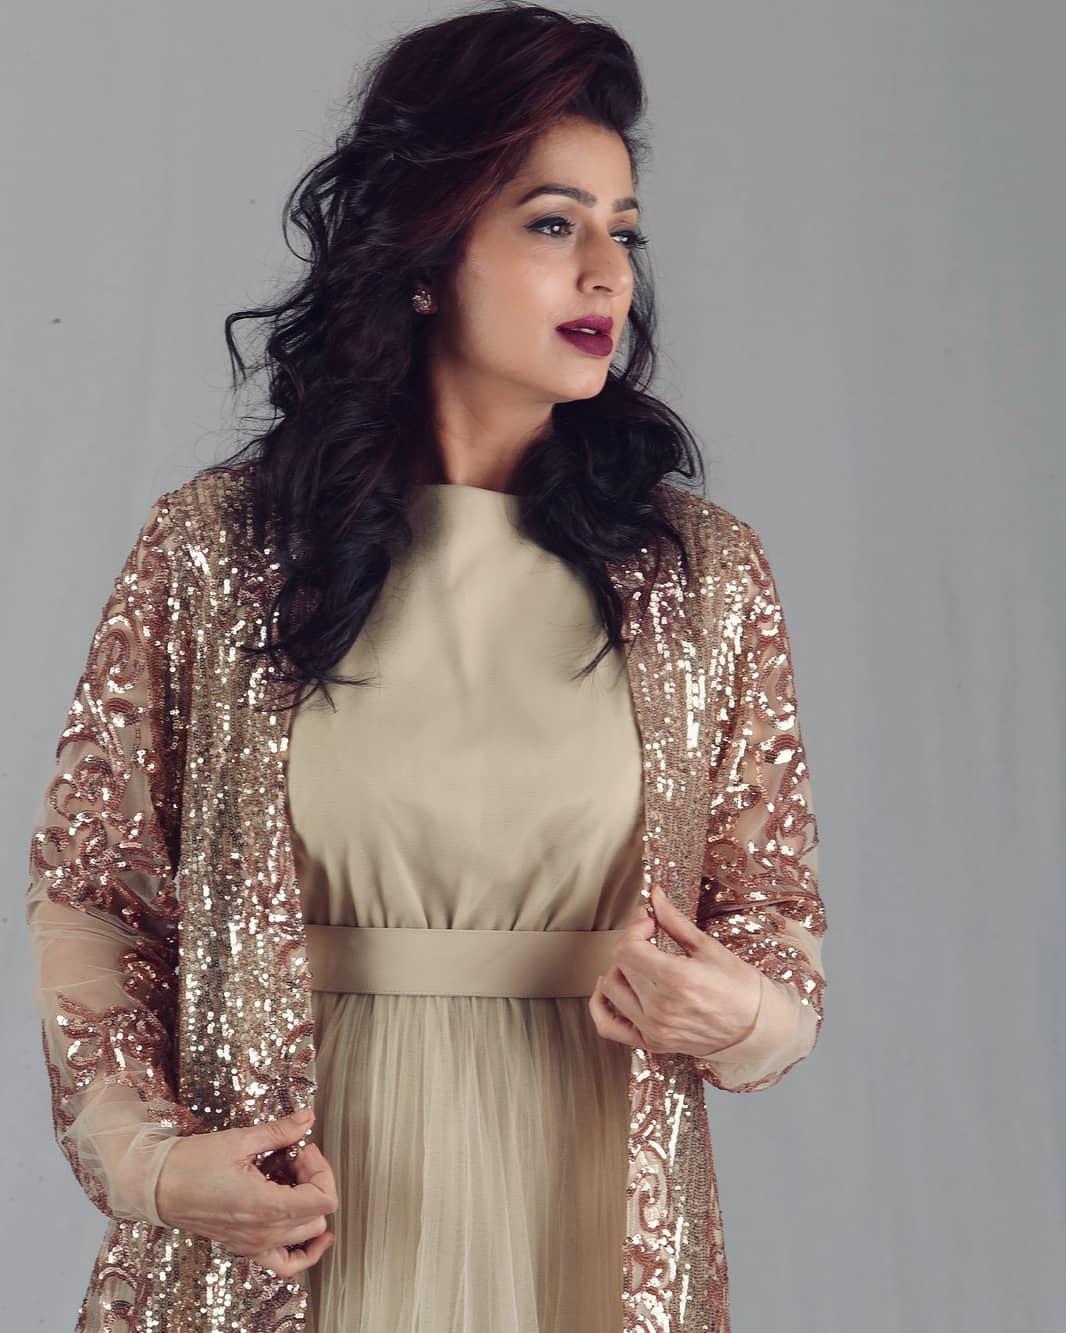 bhumika chawla 19